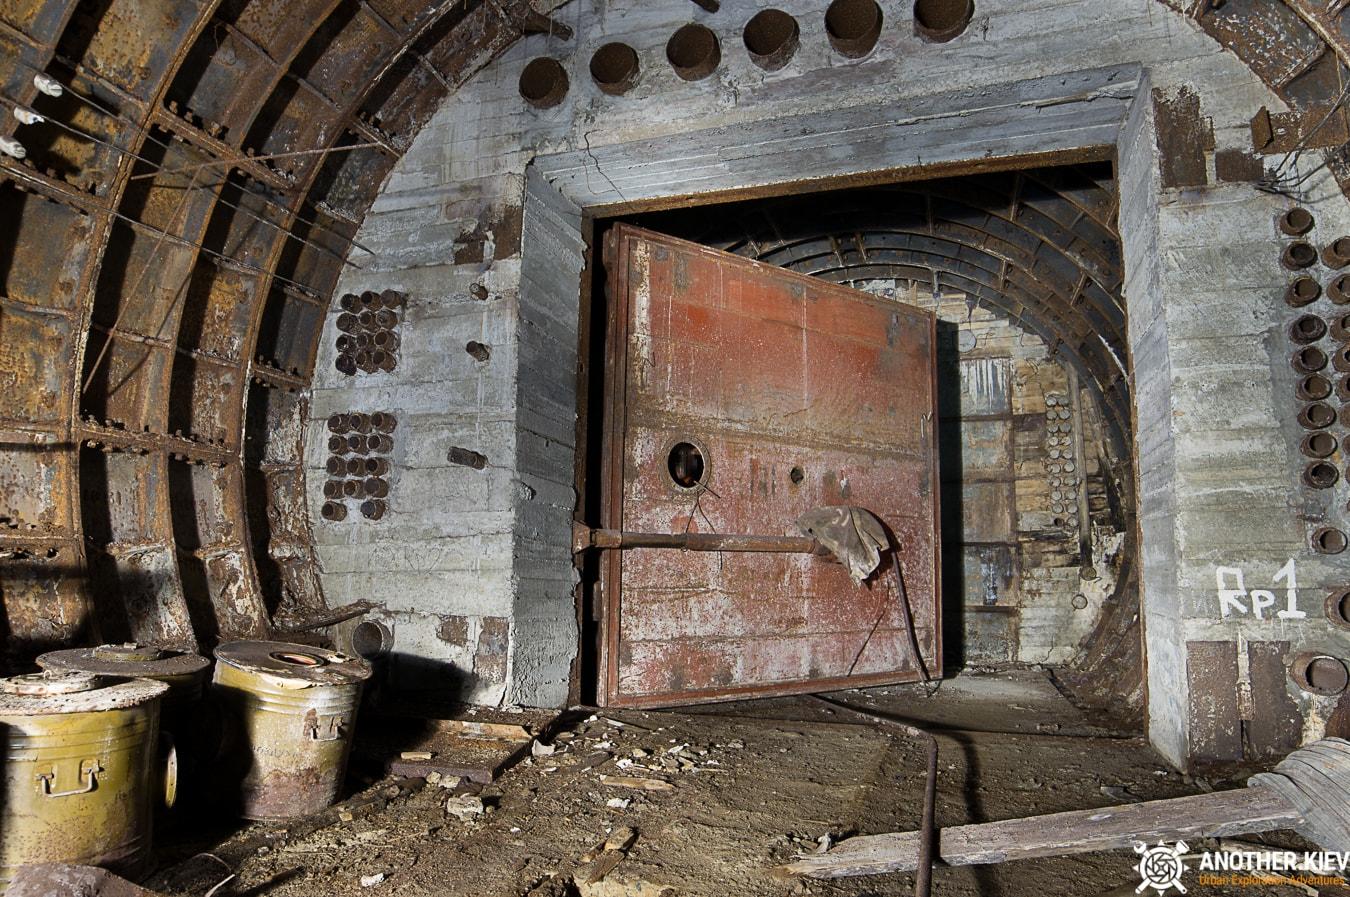 unfinished-abandoned-diesel-power-station-bunker-6878-min Недостроенная и заброшенная дизельная электростанция в киевском метро